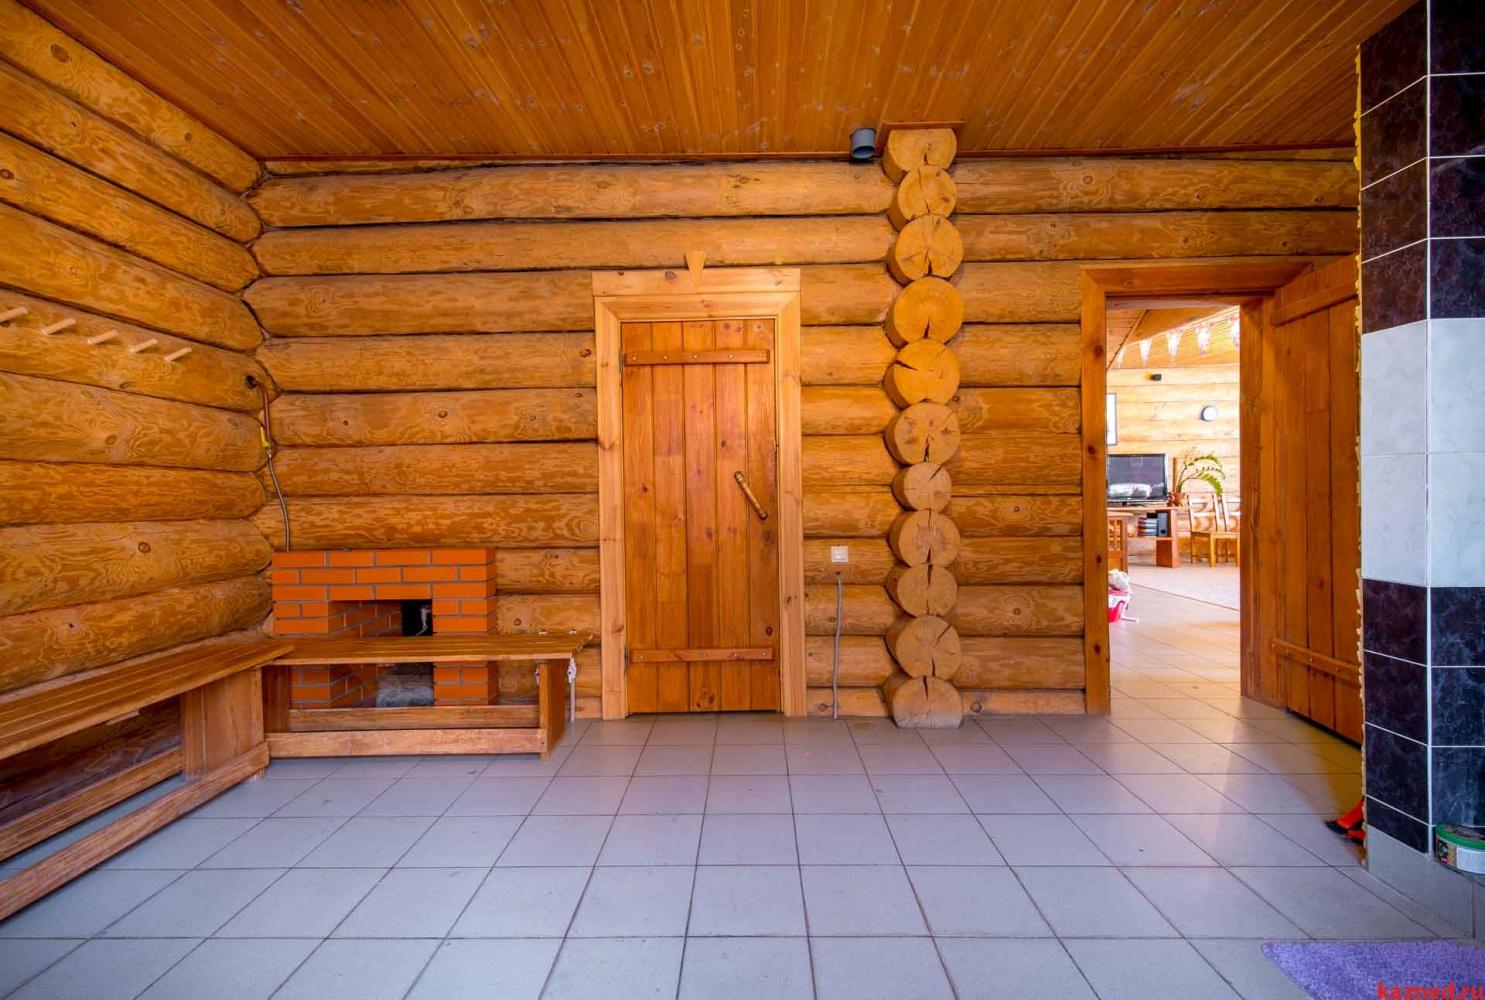 Продажа  Дома Зеленая д.13 пос. Новая Сосновка, 187 м2  (миниатюра №6)